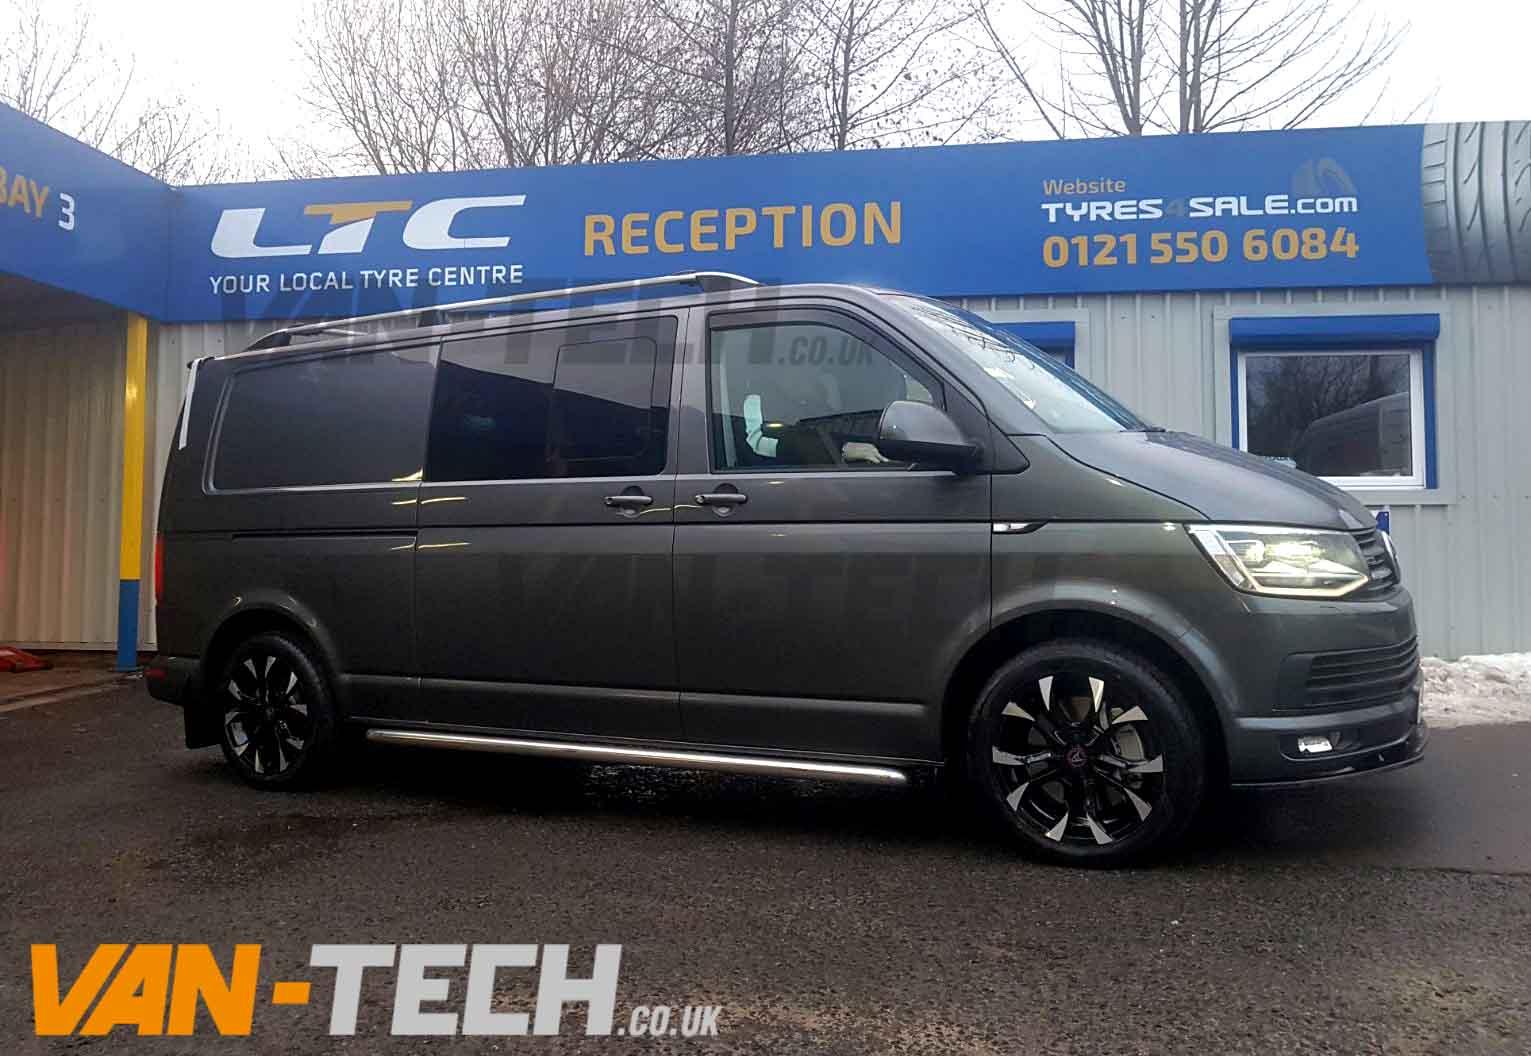 Vw T6 Stainless Steel Side Bars Sportline Style Van Tech